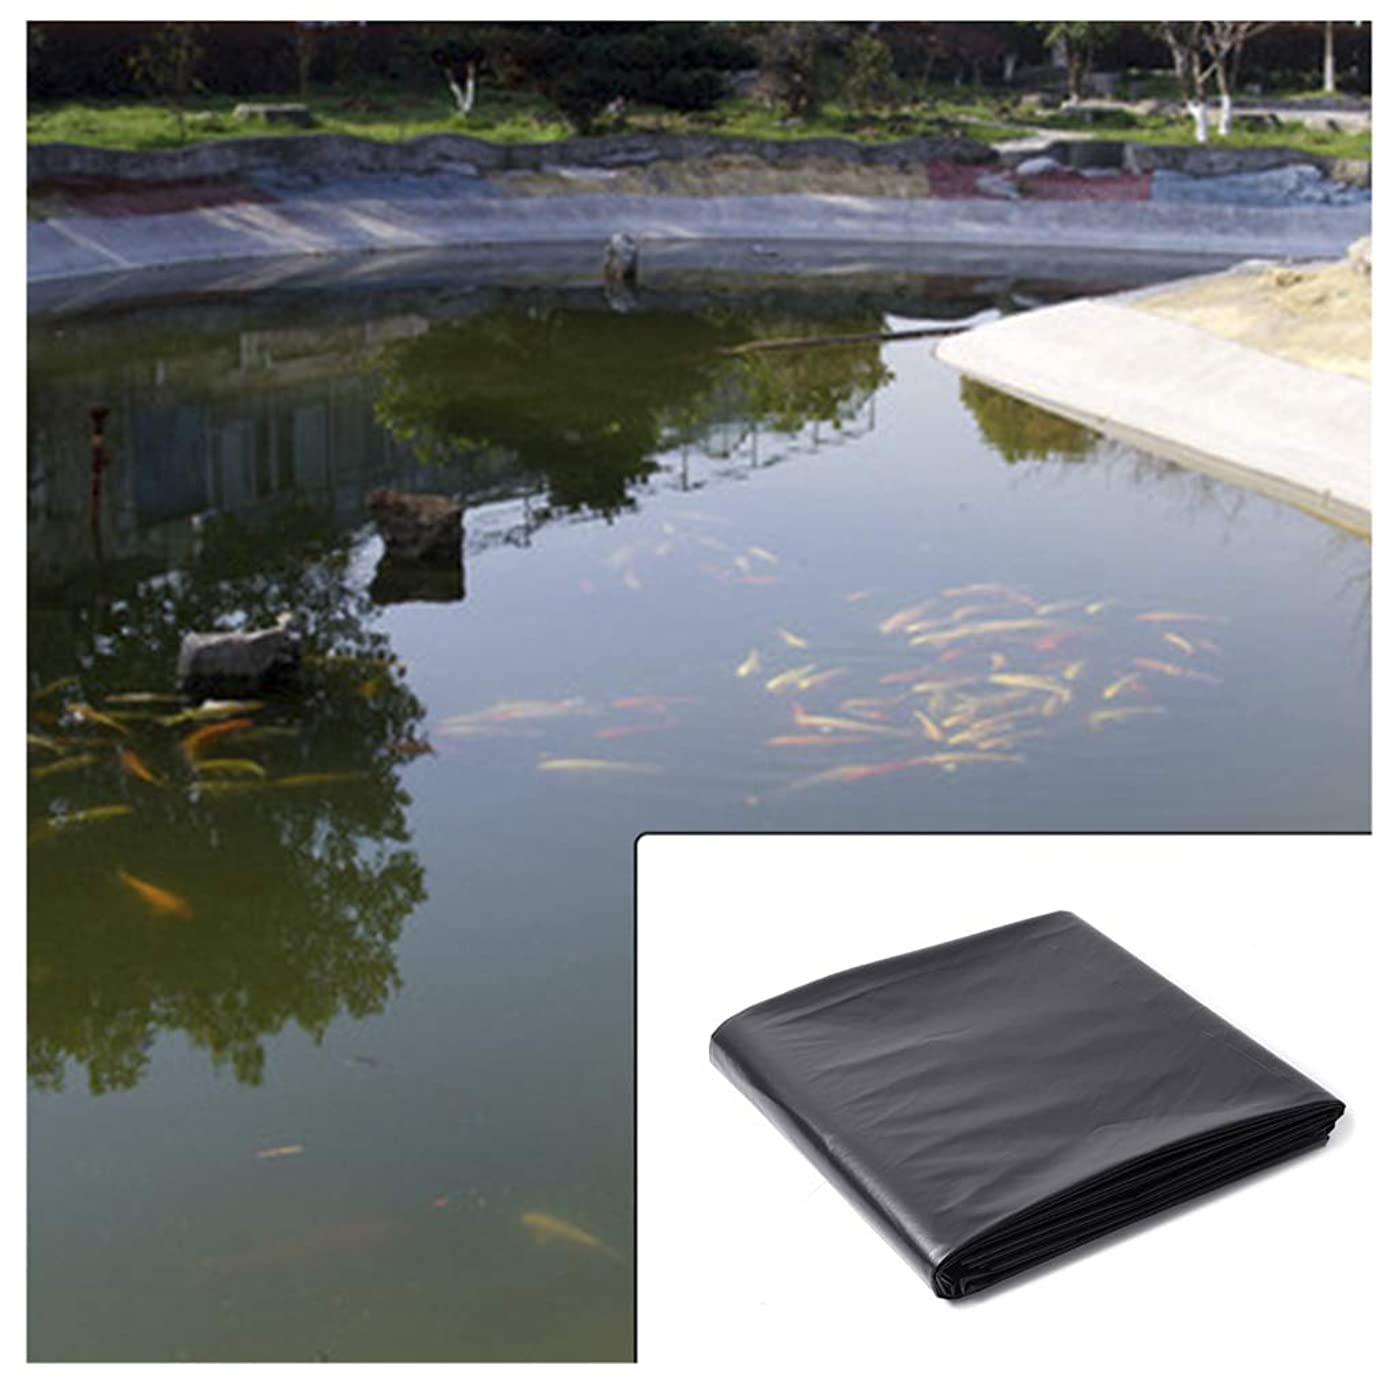 終了する膜ラックZYT 0.4 mm HDPE池の裏地、頑丈な美化ガーデンスイミングプール防水スイミングプール裏地布 (Size:4*4M)